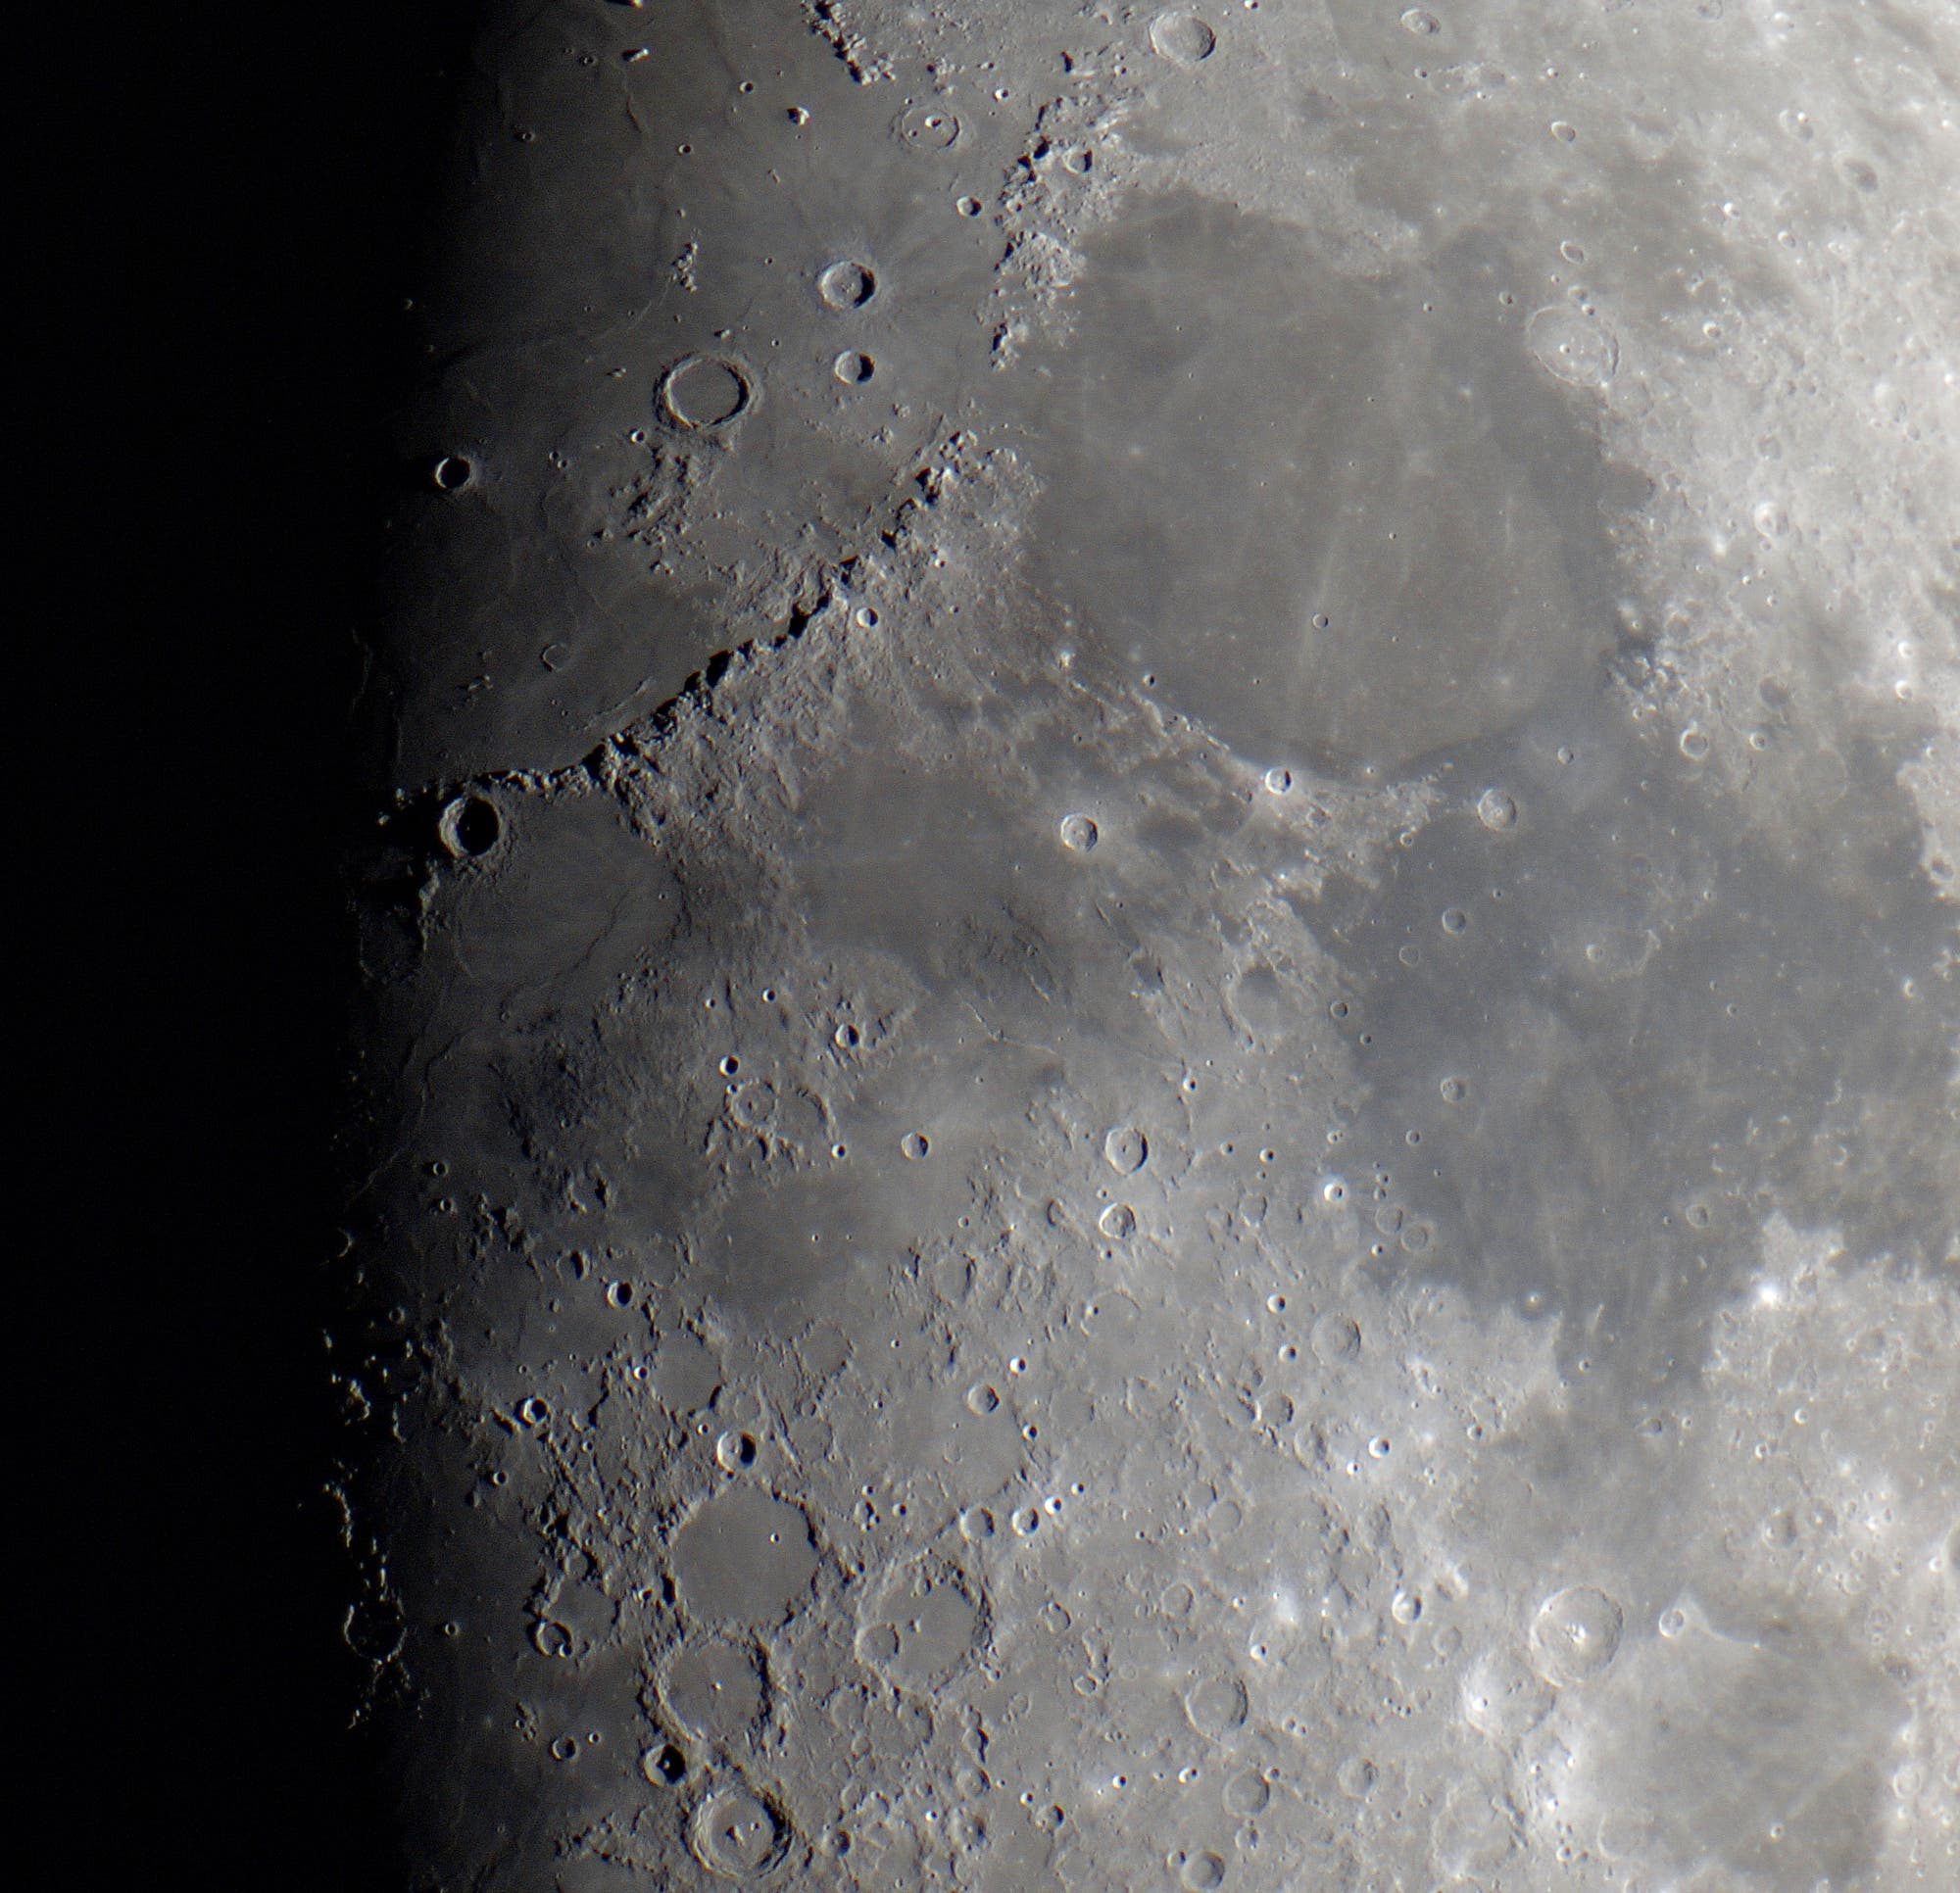 Der acht Tage alte Mond in leichten Farben.